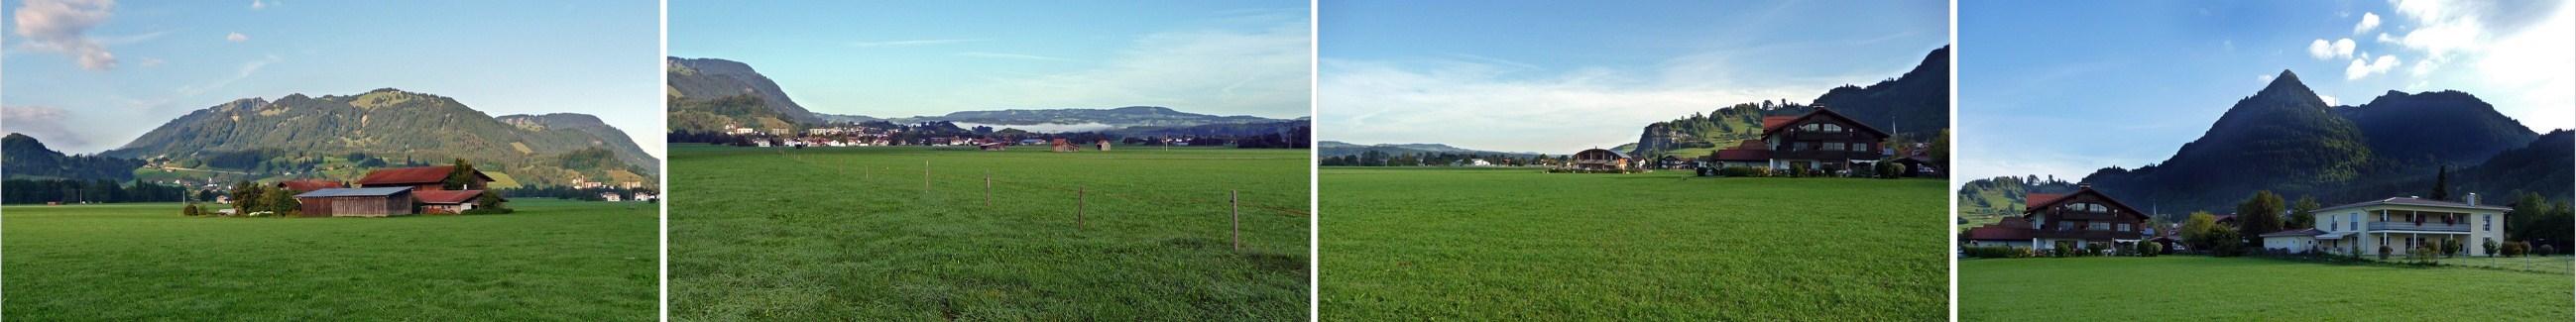 """""""Halbkreisblick von Burgberg in Richtung Blaichach-Immenstadt bis zum Grünten"""""""